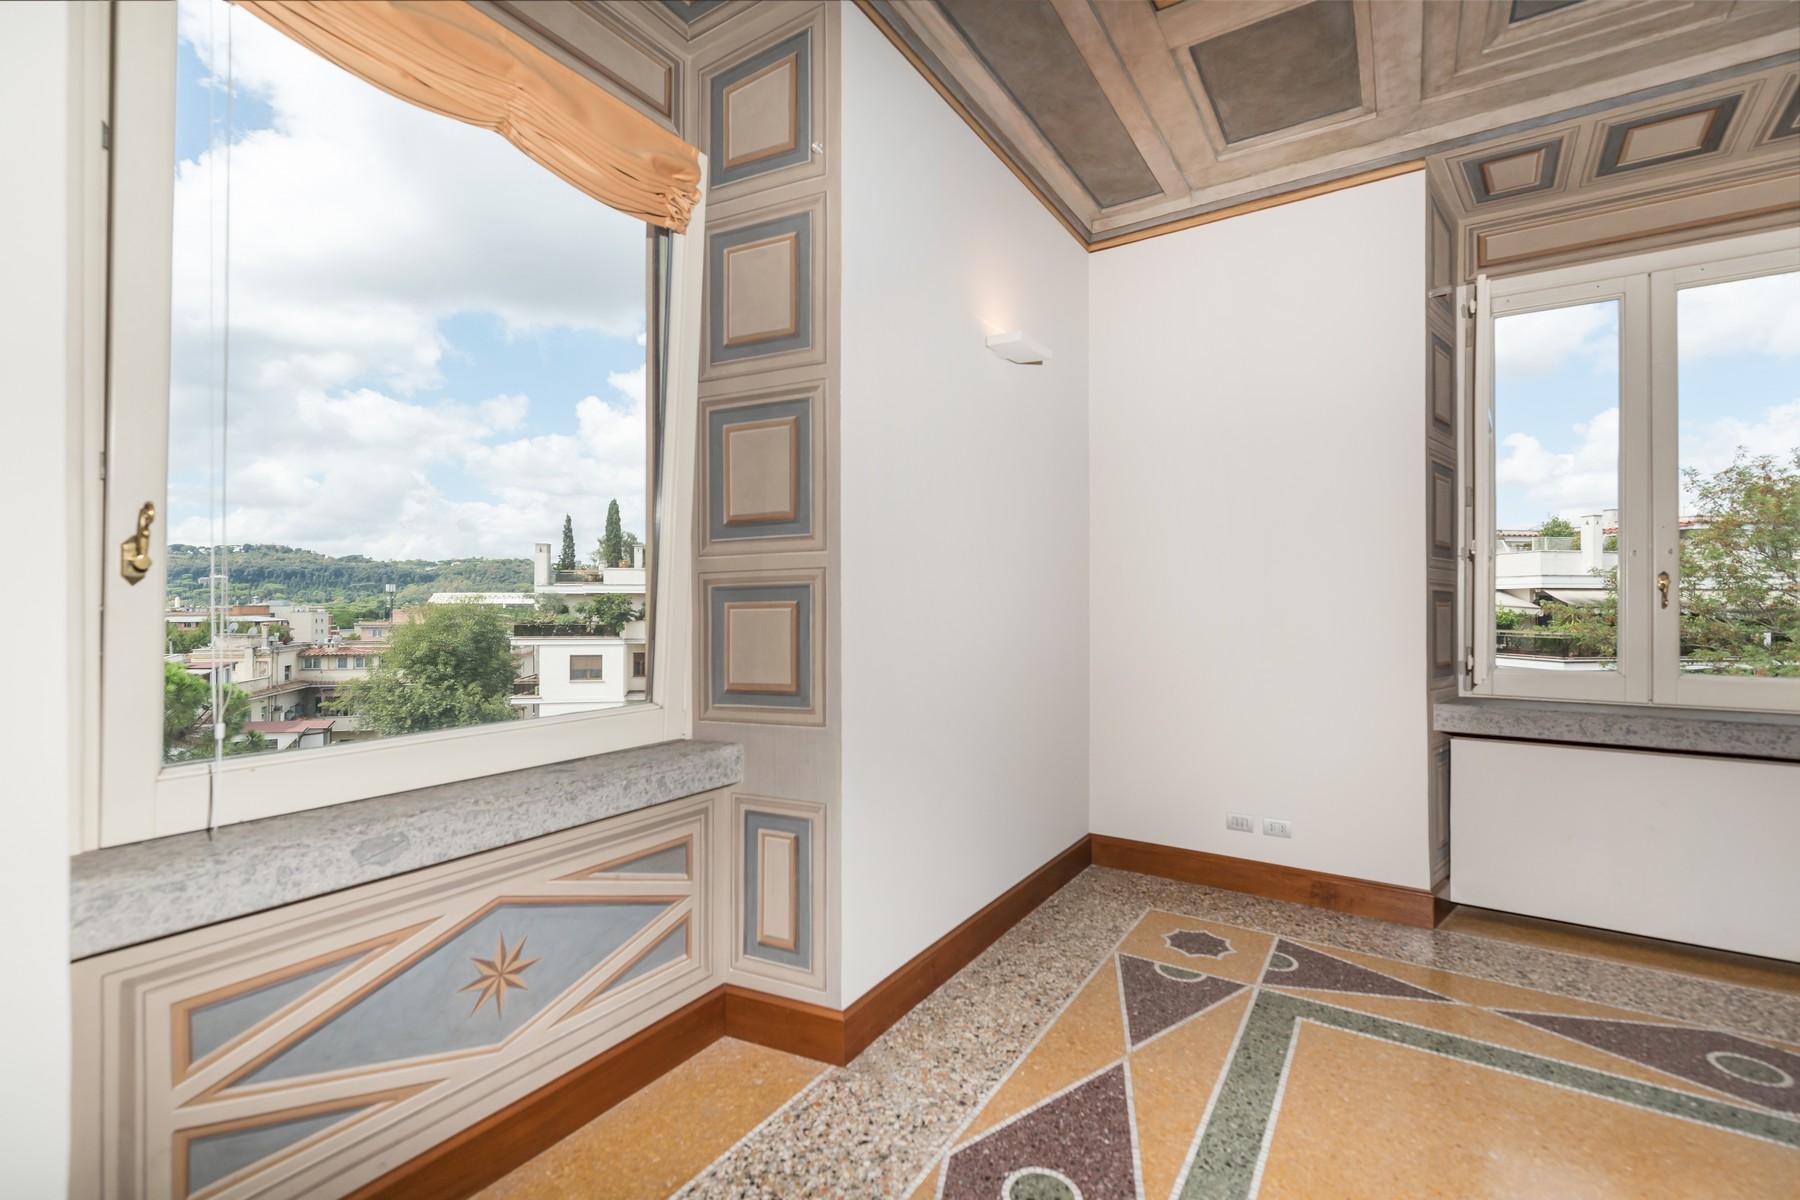 Appartamento in Vendita a Roma 02 Parioli / Pinciano / Flaminio: 5 locali, 250 mq